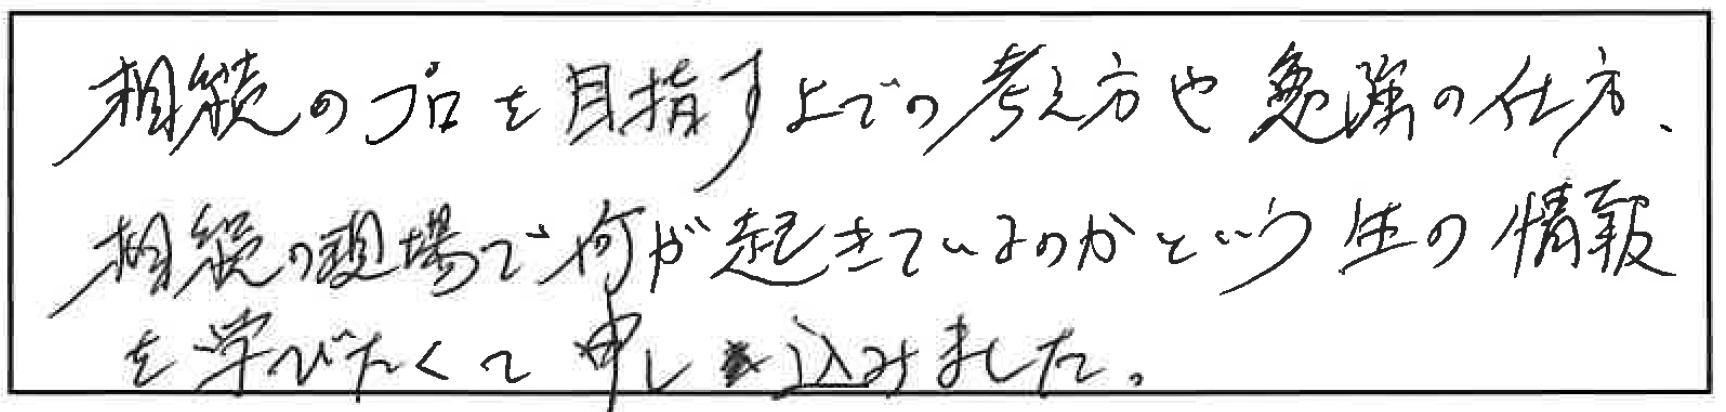 吉澤塾 半年コースの参加者の声画像231